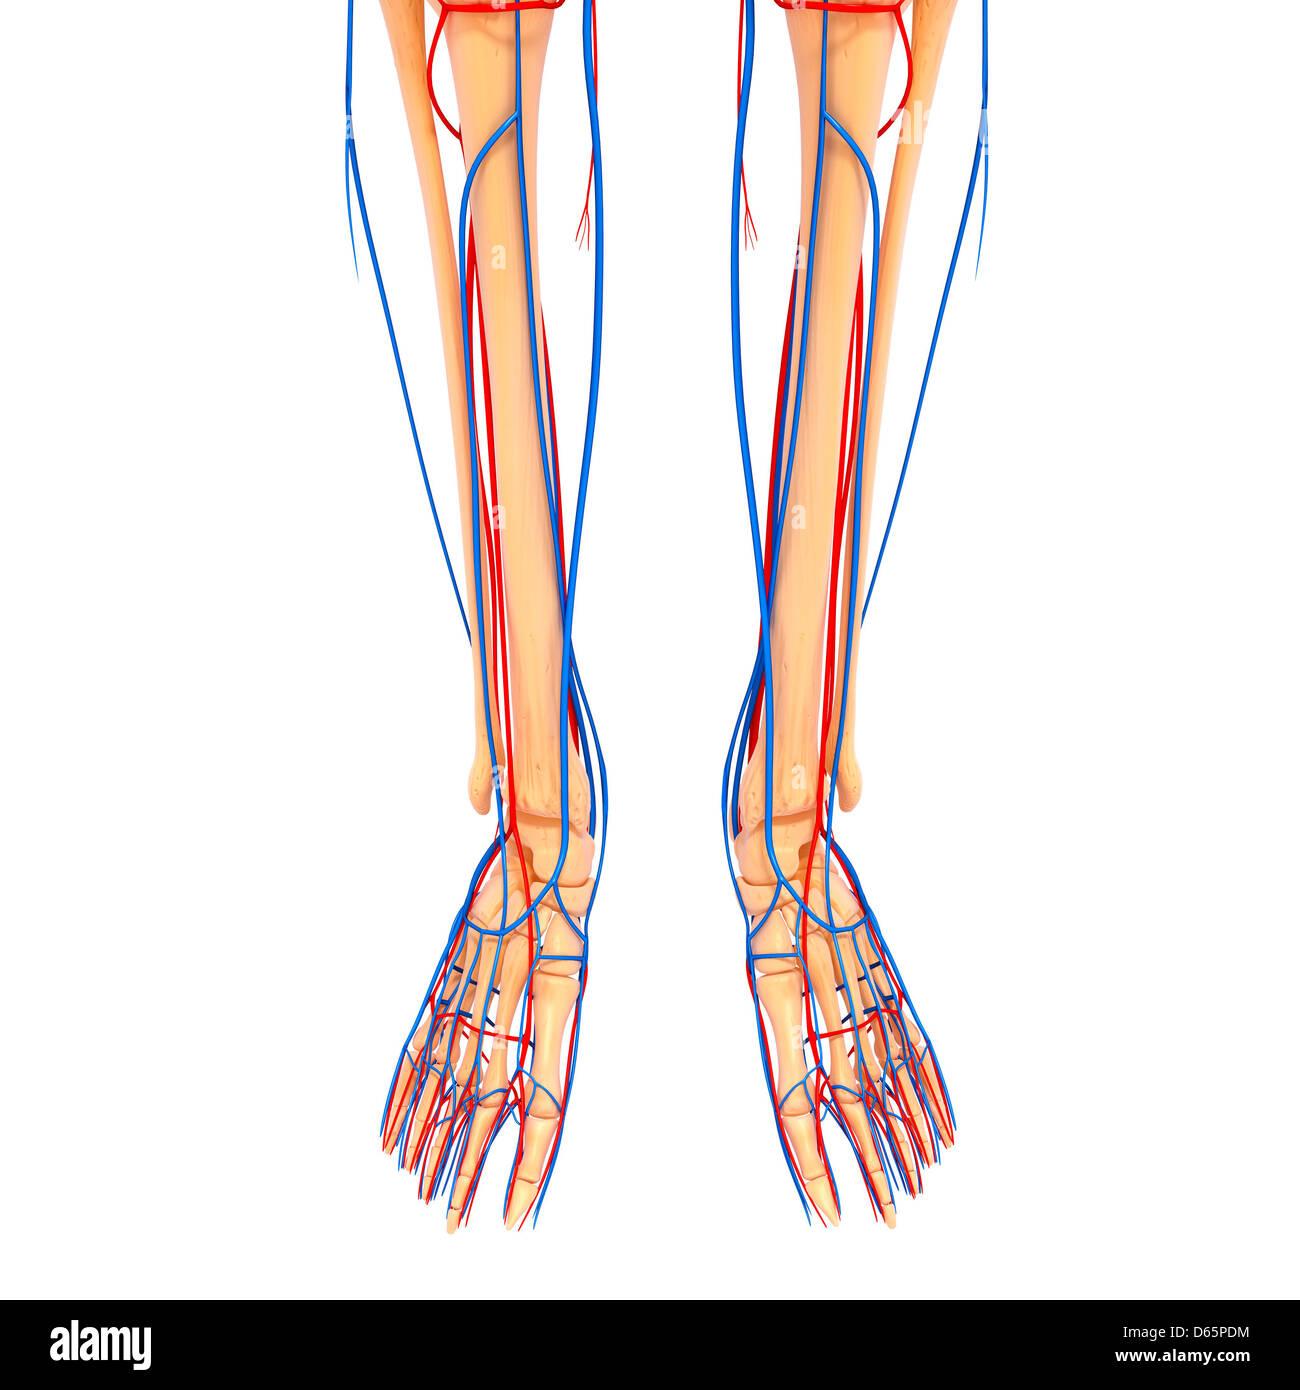 Untere Bein Anatomie, artwork Stockfoto, Bild: 55446432 - Alamy